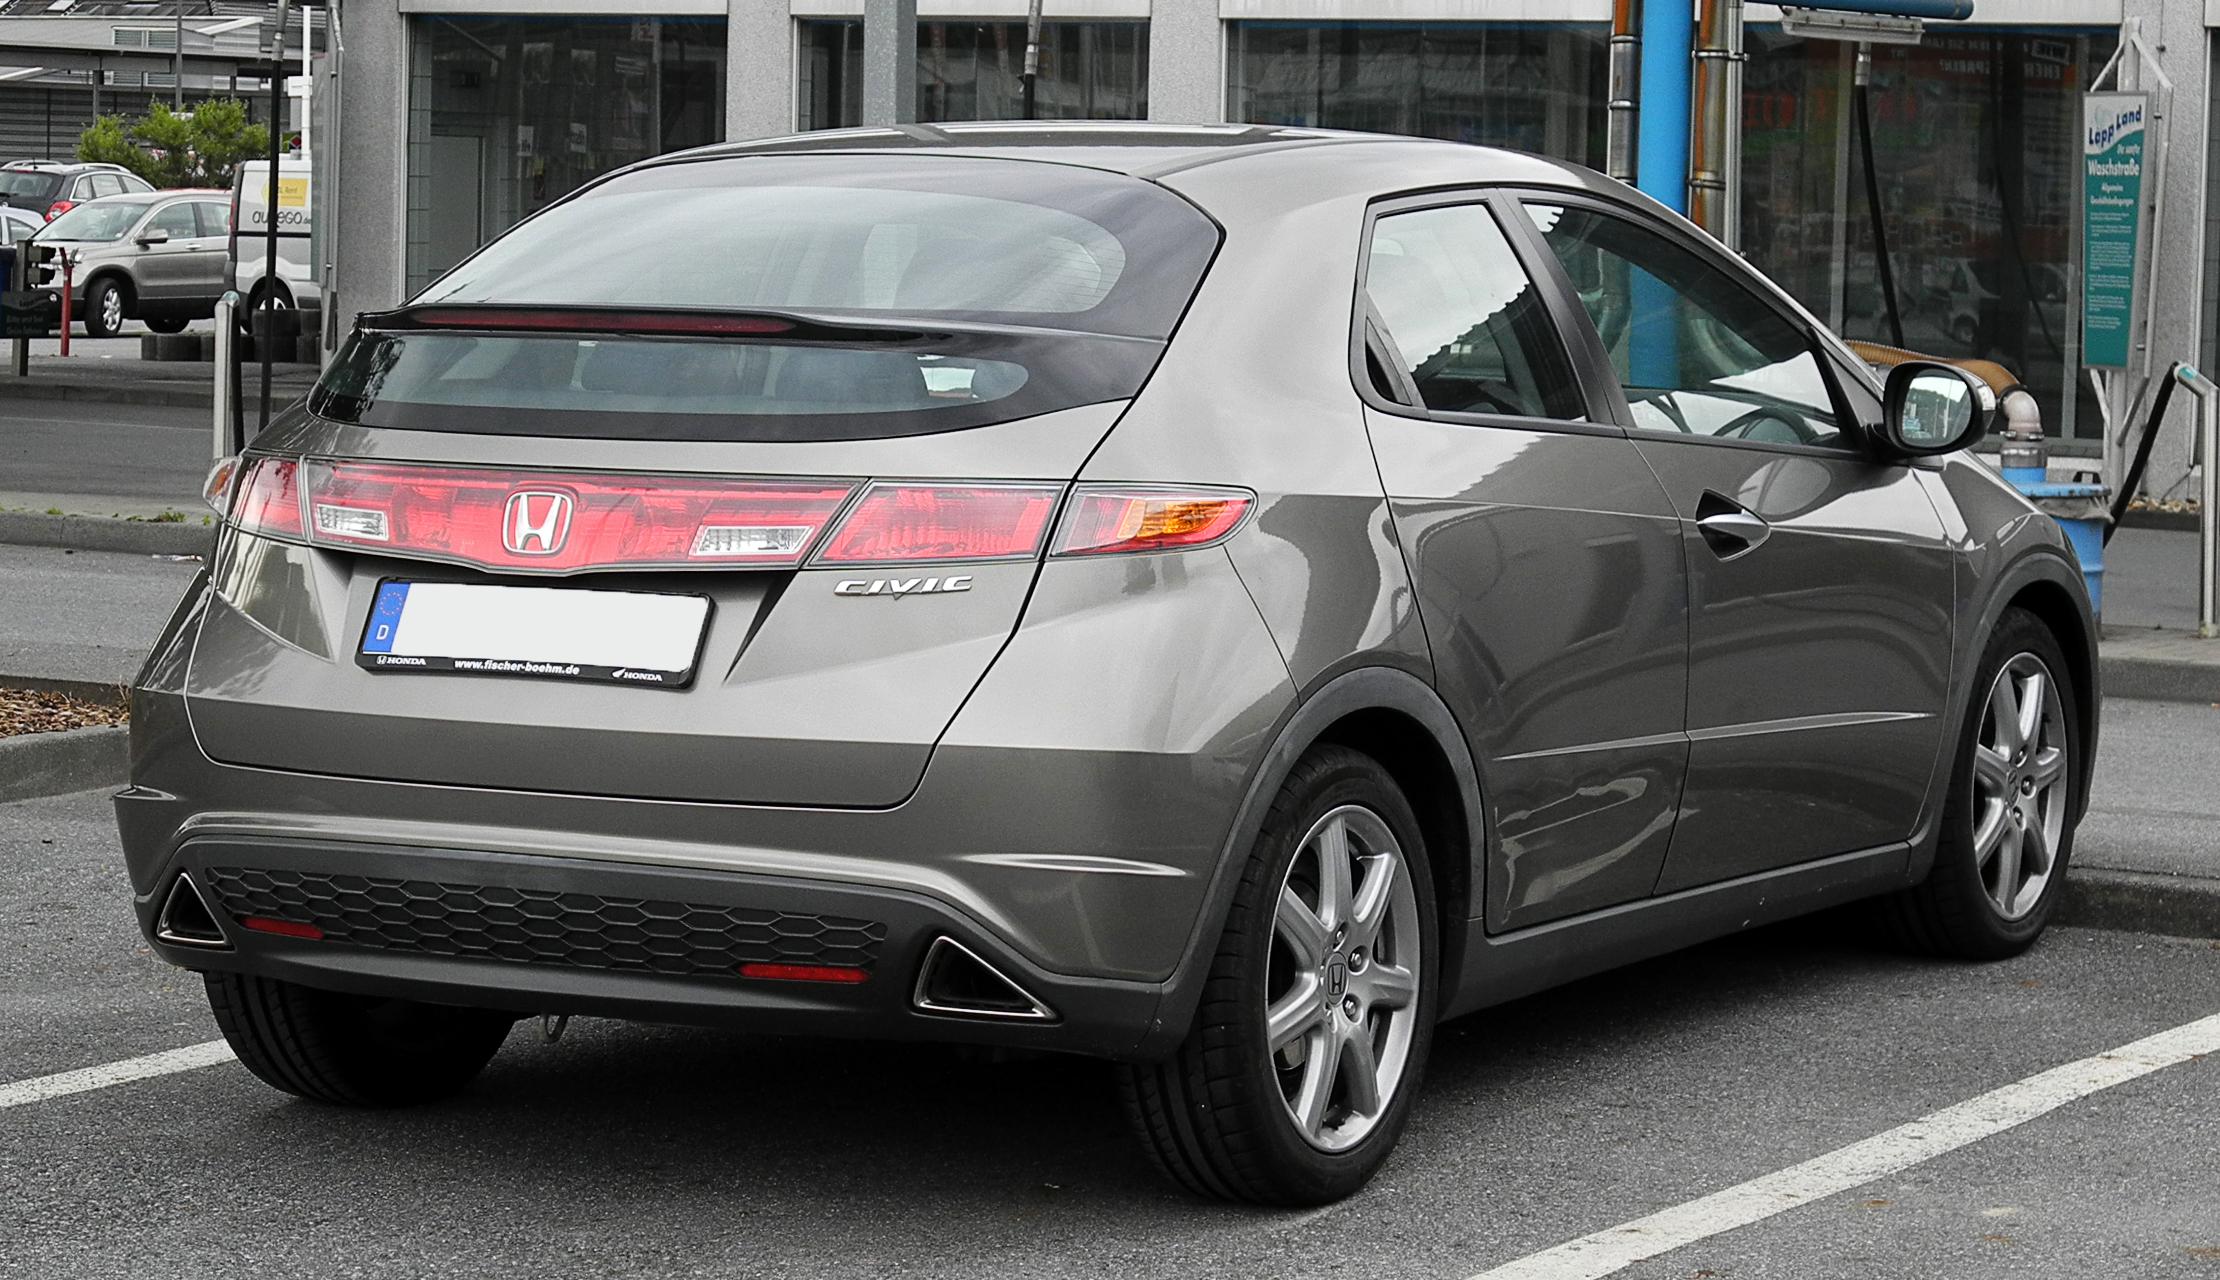 Brink Gancho De Remolque Para Honda Civic 5 puertas escotilla sólo 2005-2012 Desmontable Barra de remolque